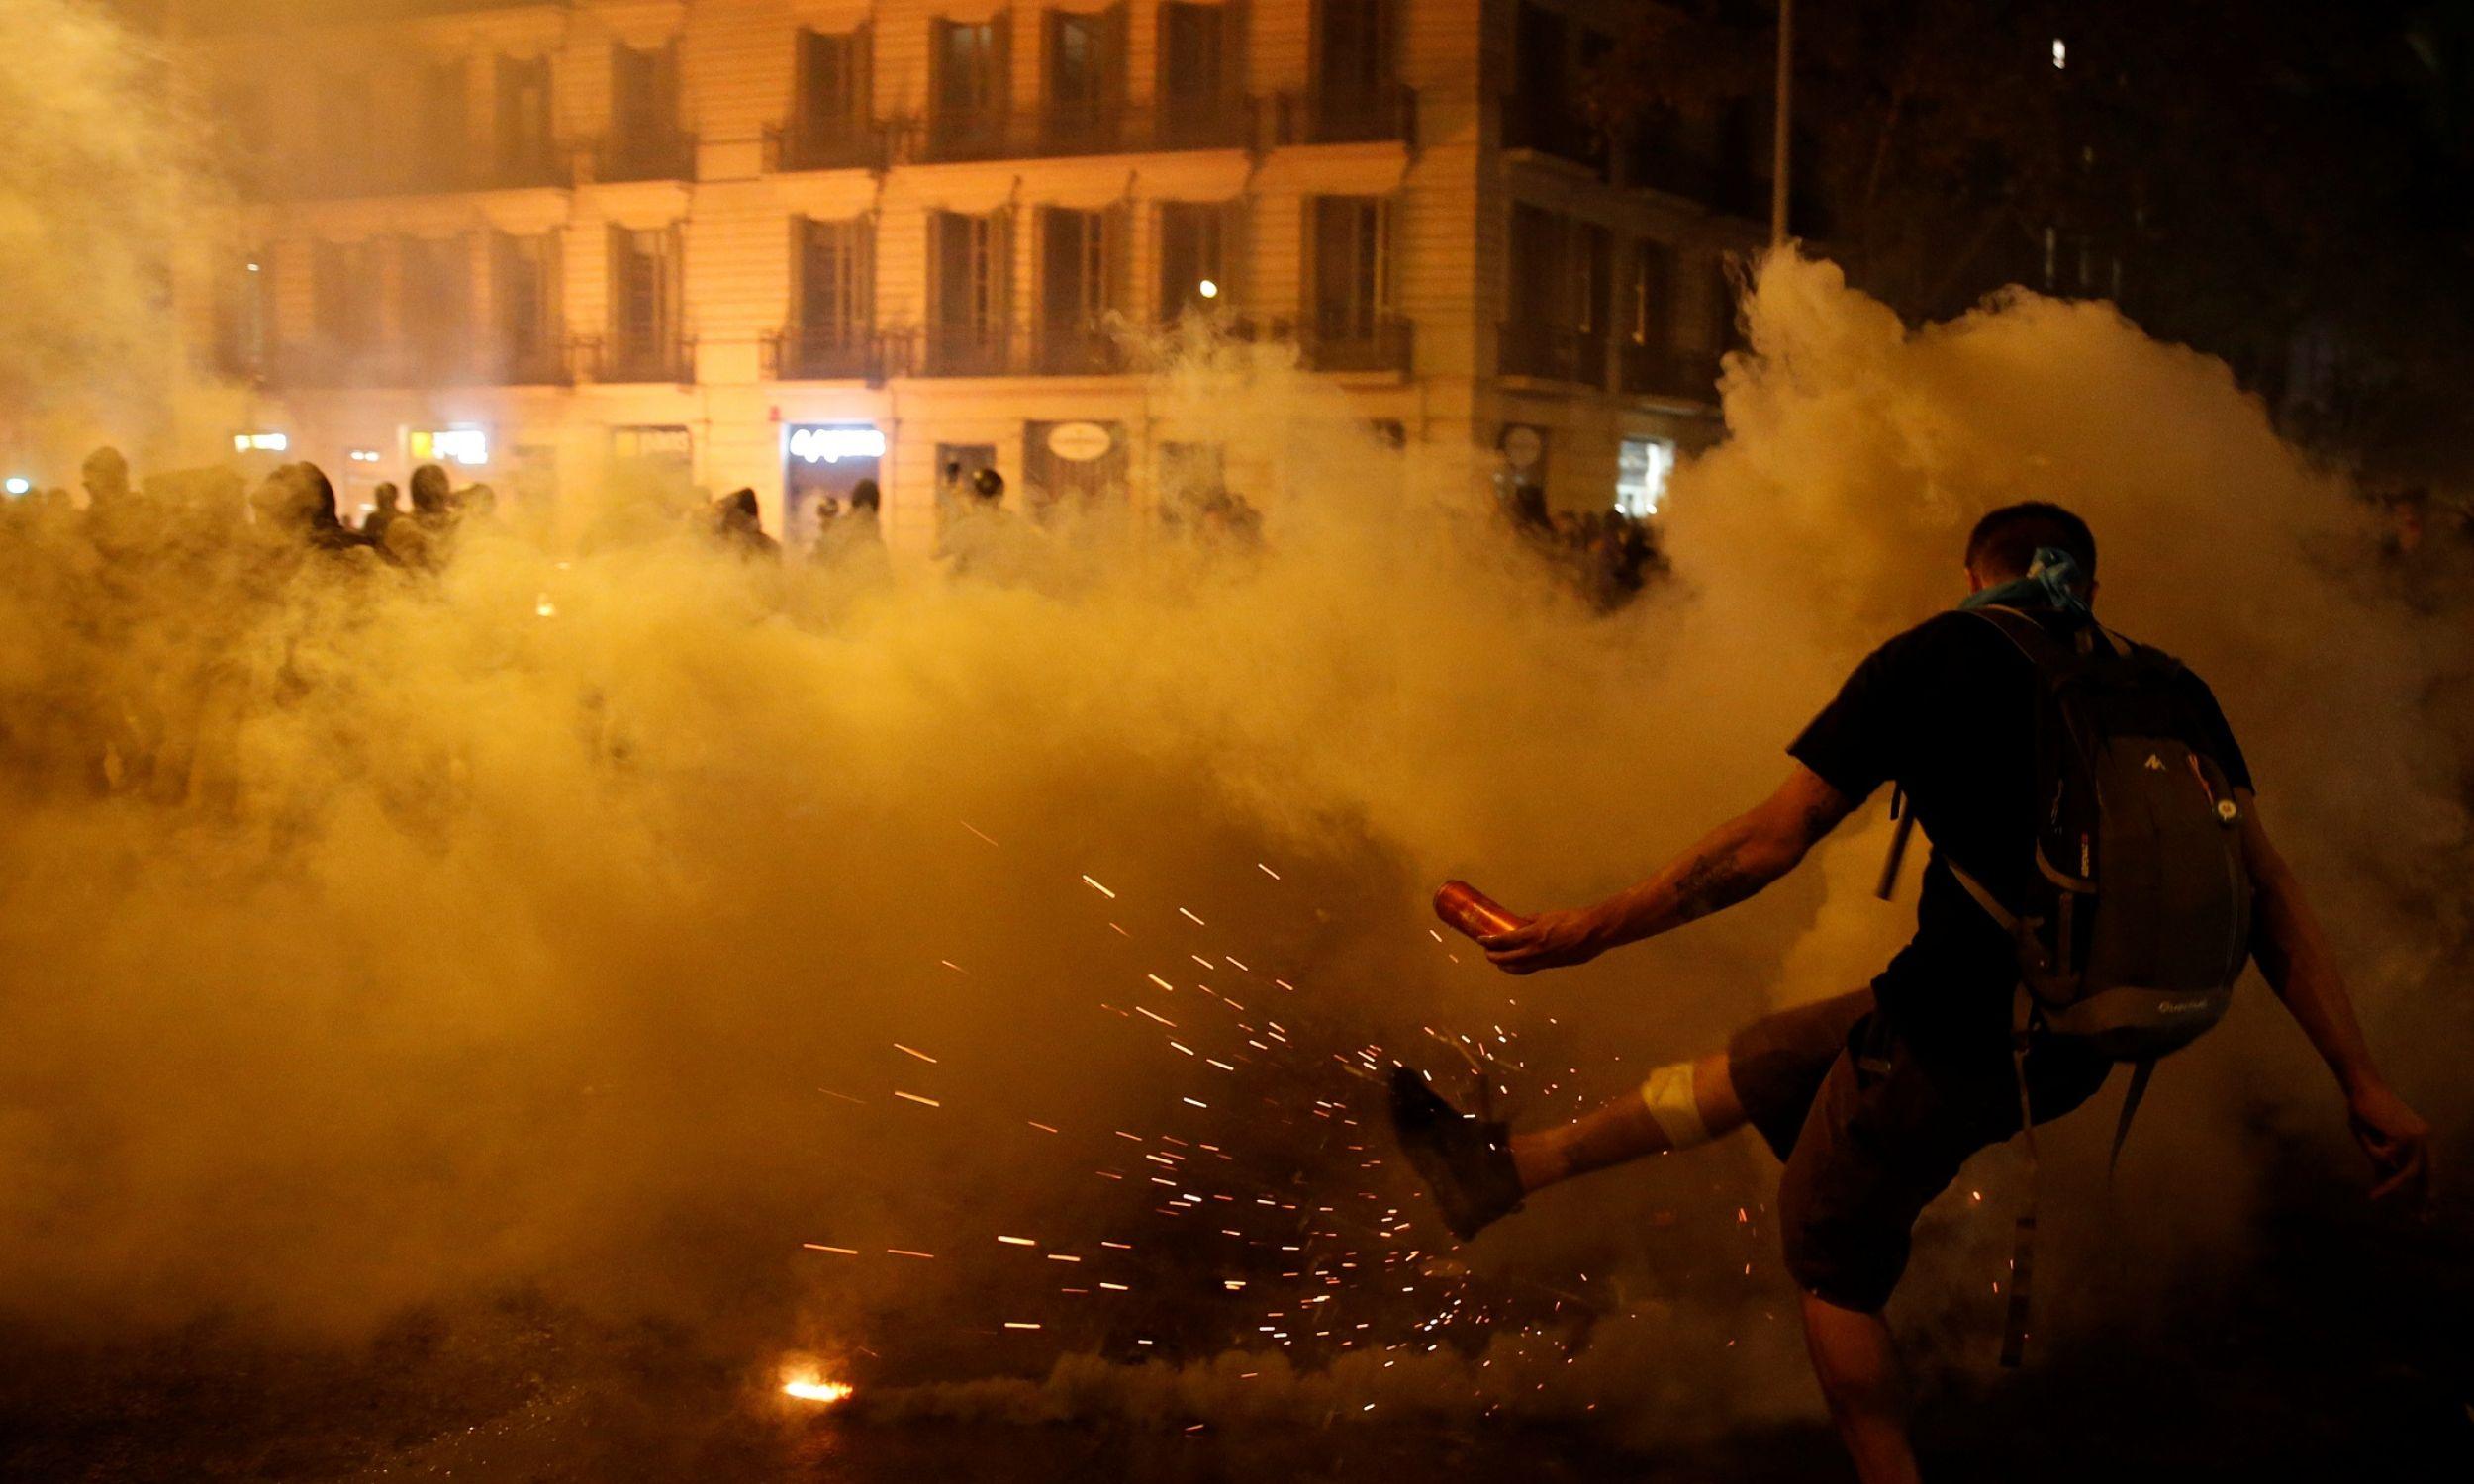 Hiszpanie twierdzą, że nocą na ulicach katalońskich miast z policją nie biła się wyłącznie przypadkowa młodzież. Fot. REUTERS/Rafael Marchante